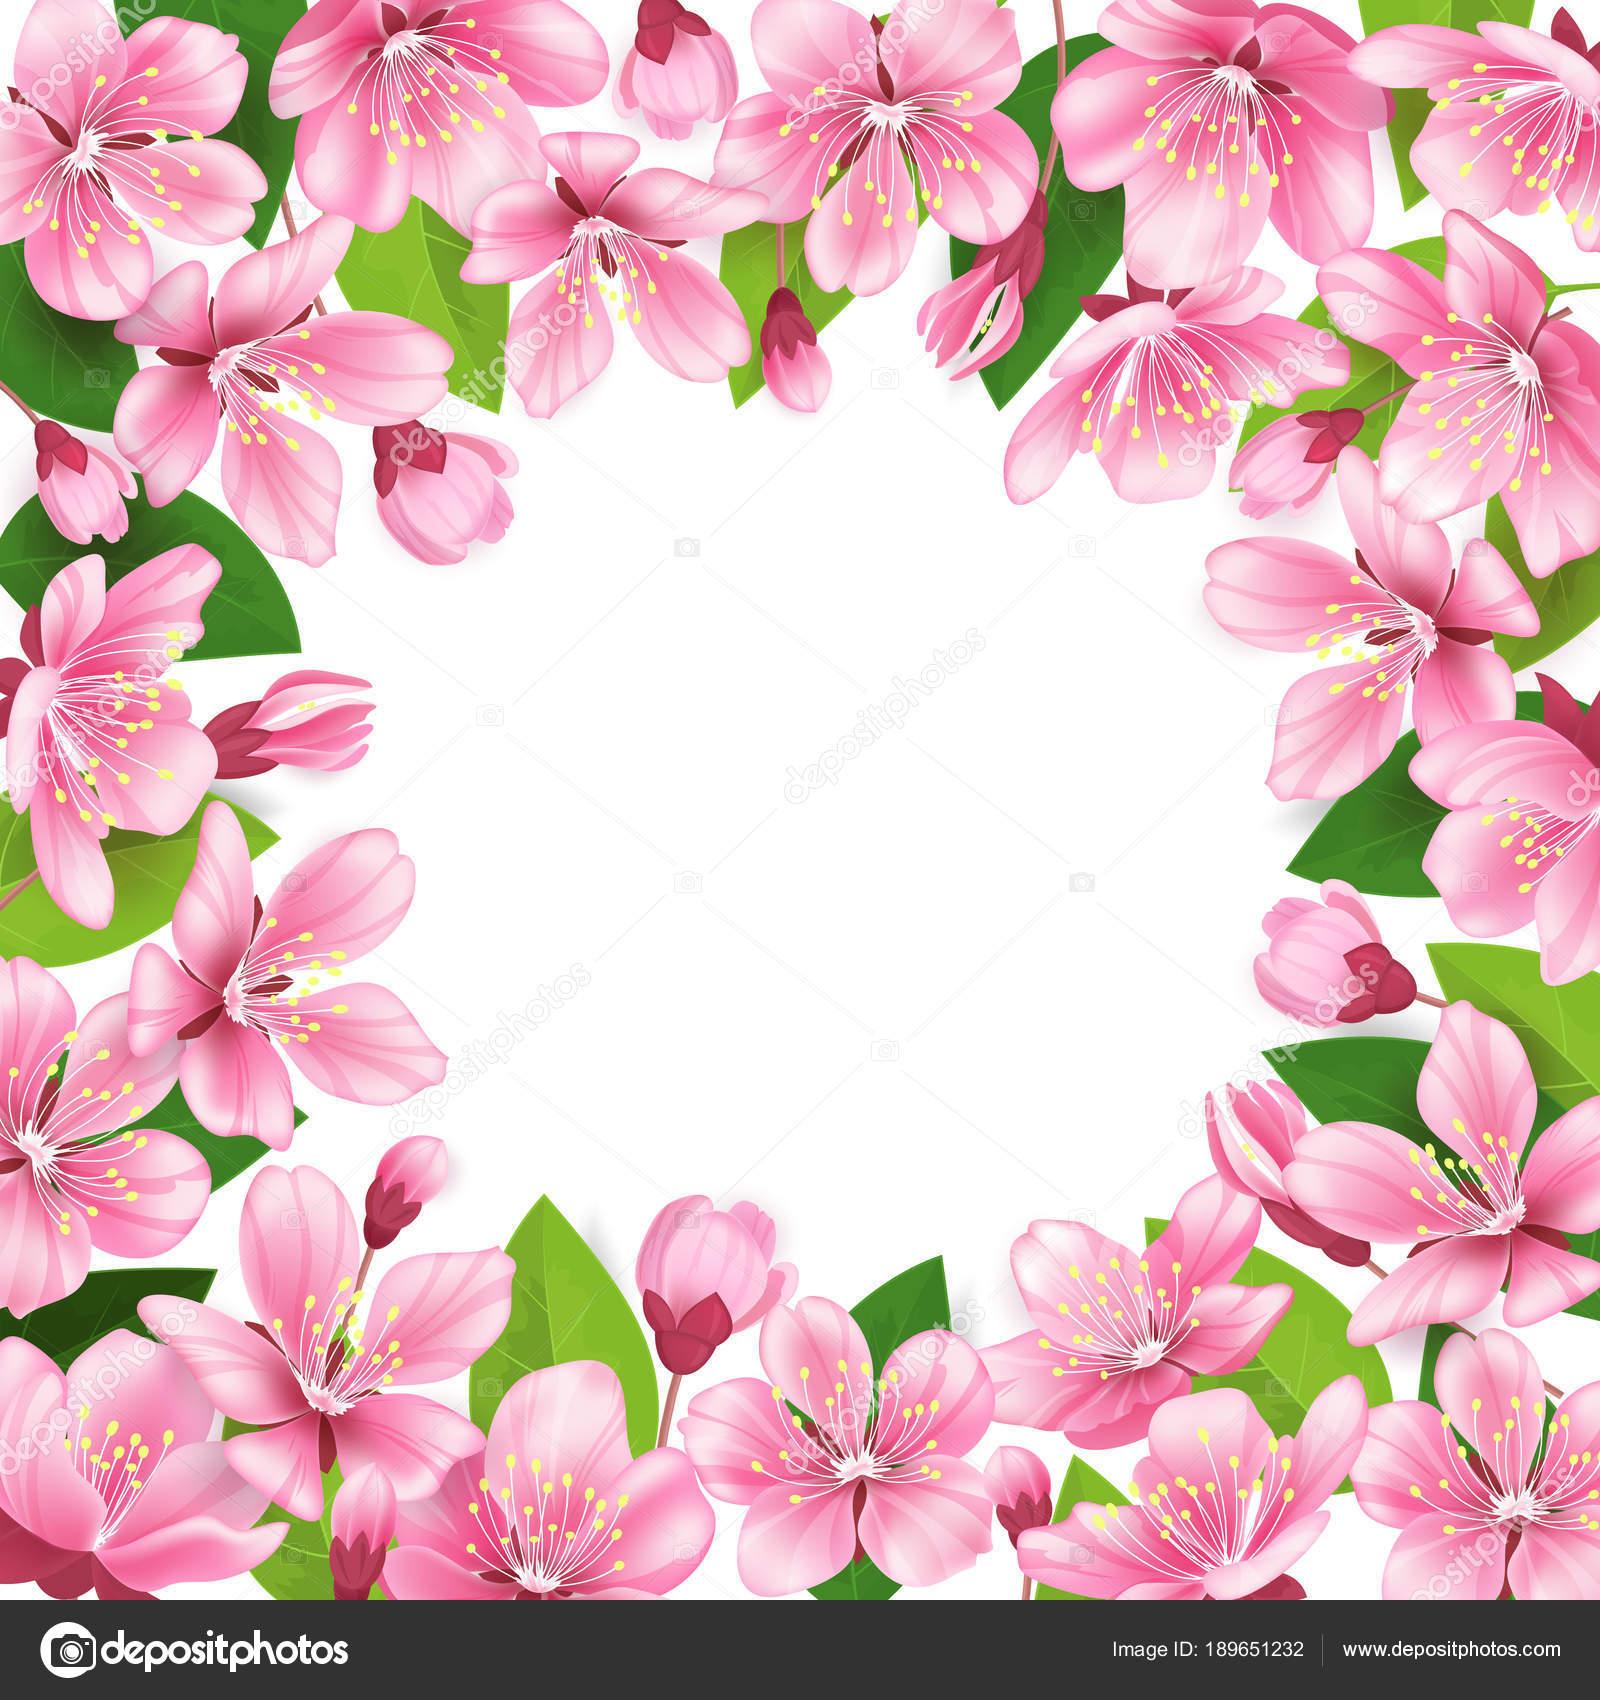 Animado Cerezo Fondo De Cerezos En Flor Marco De Flores De Rosa